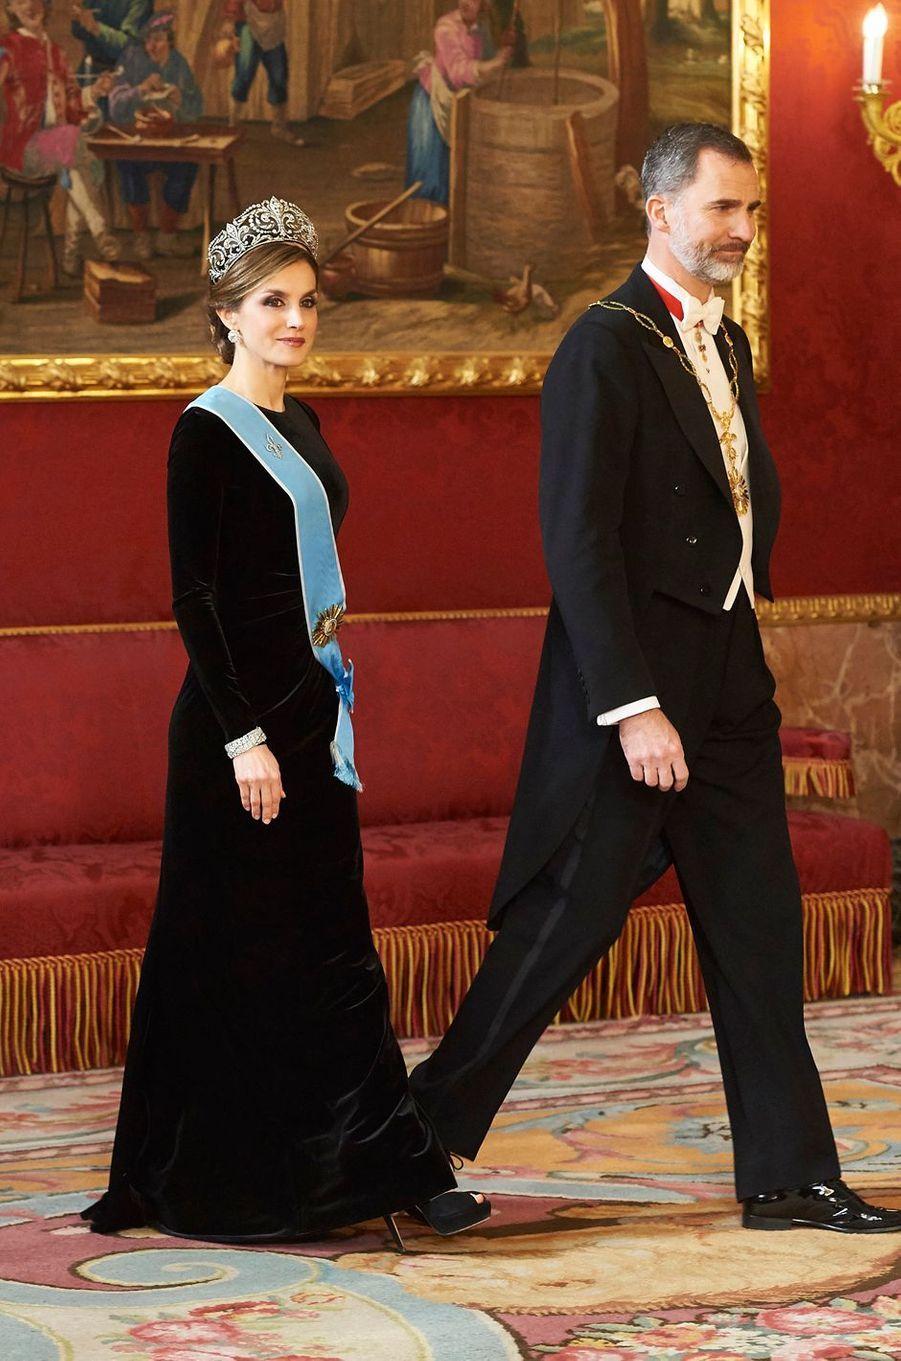 """La reine Letizia d'Espagne coiffée du diadème """"fleur de lys"""", avec le roi Felipe VI, le 22 février 2017"""